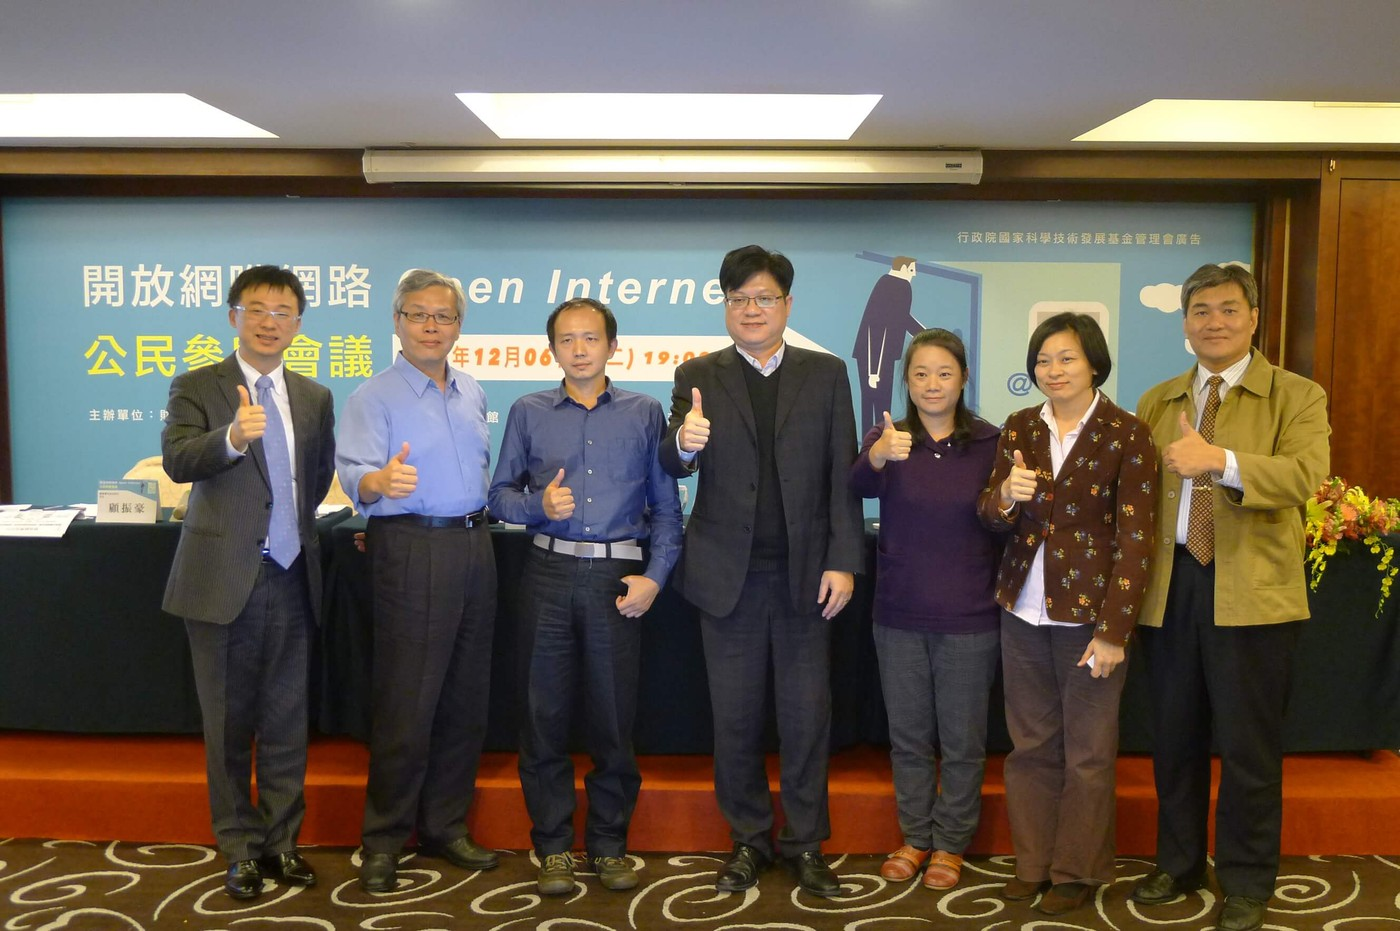 開放網際網路(Open Internet)公民參與會議